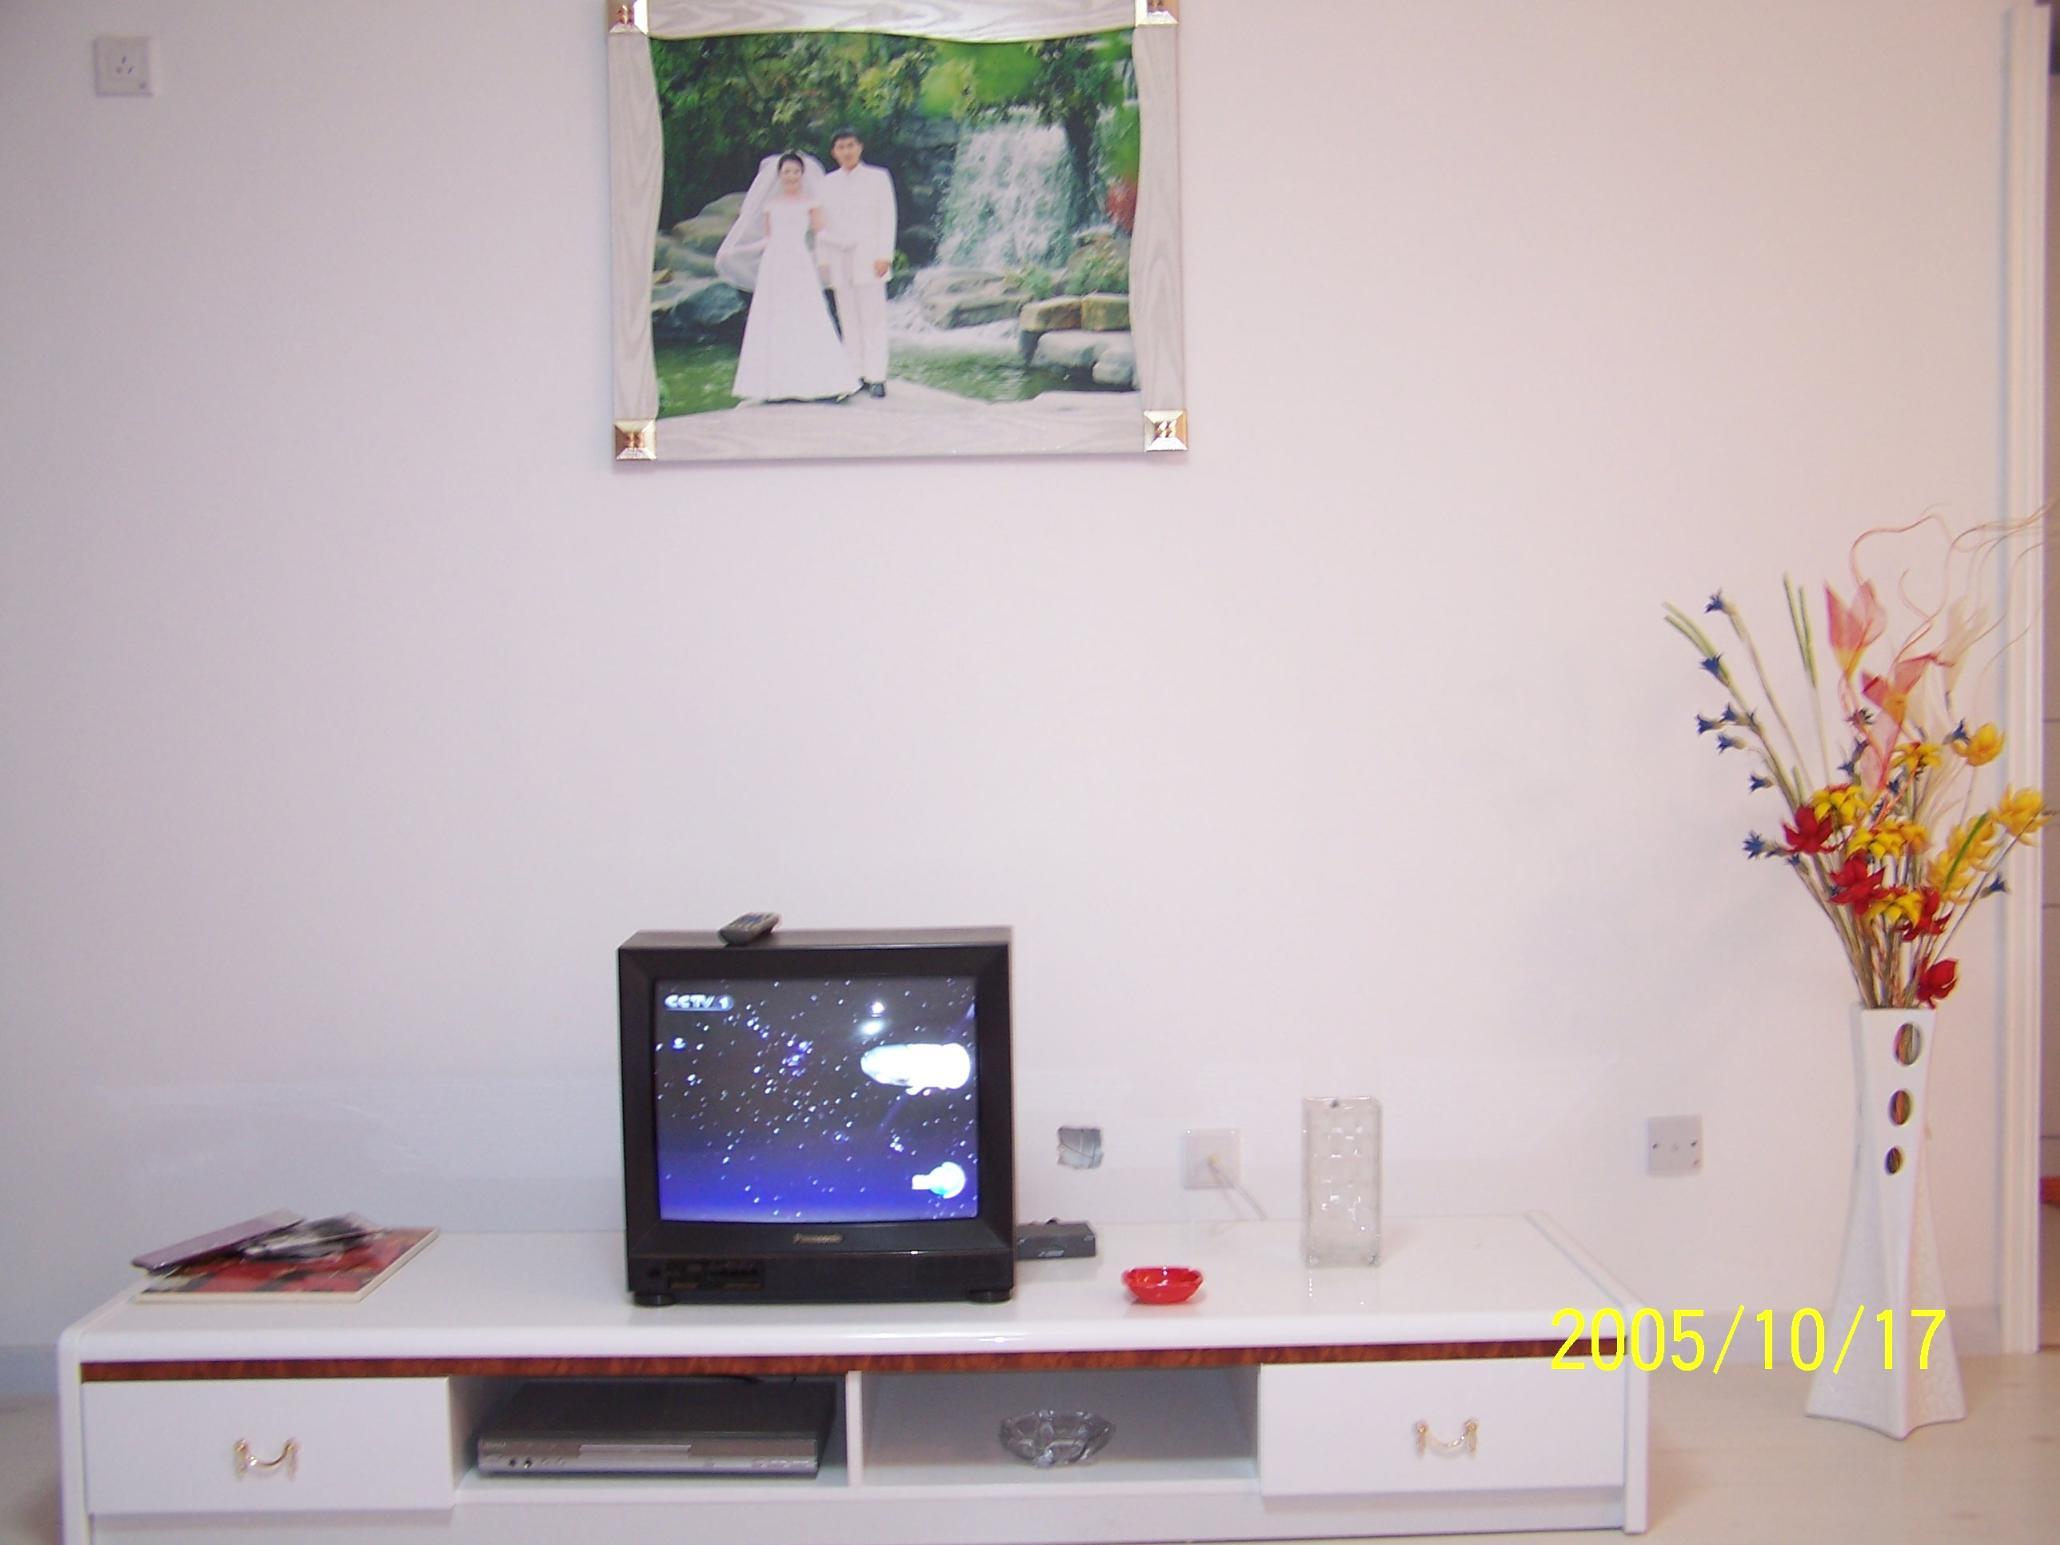 客厅2:香河买的烤漆电视柜,自己设计的电视背景墙,从昆明带回的干花